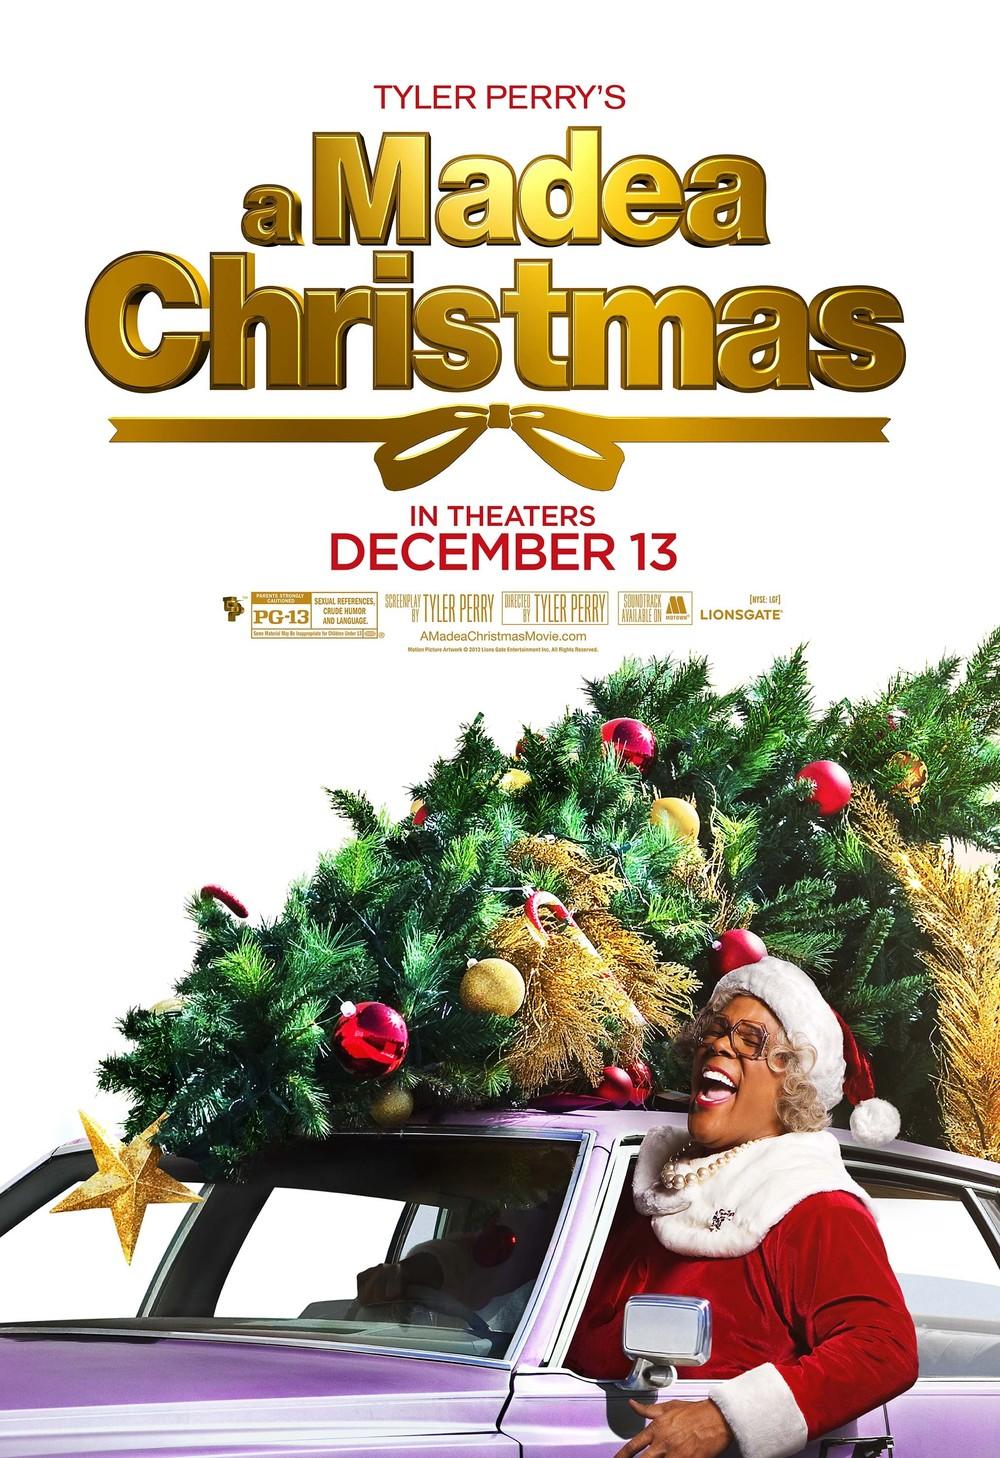 Madea Christmas.A Madea Christmas Christmas Specials Wiki Fandom Powered